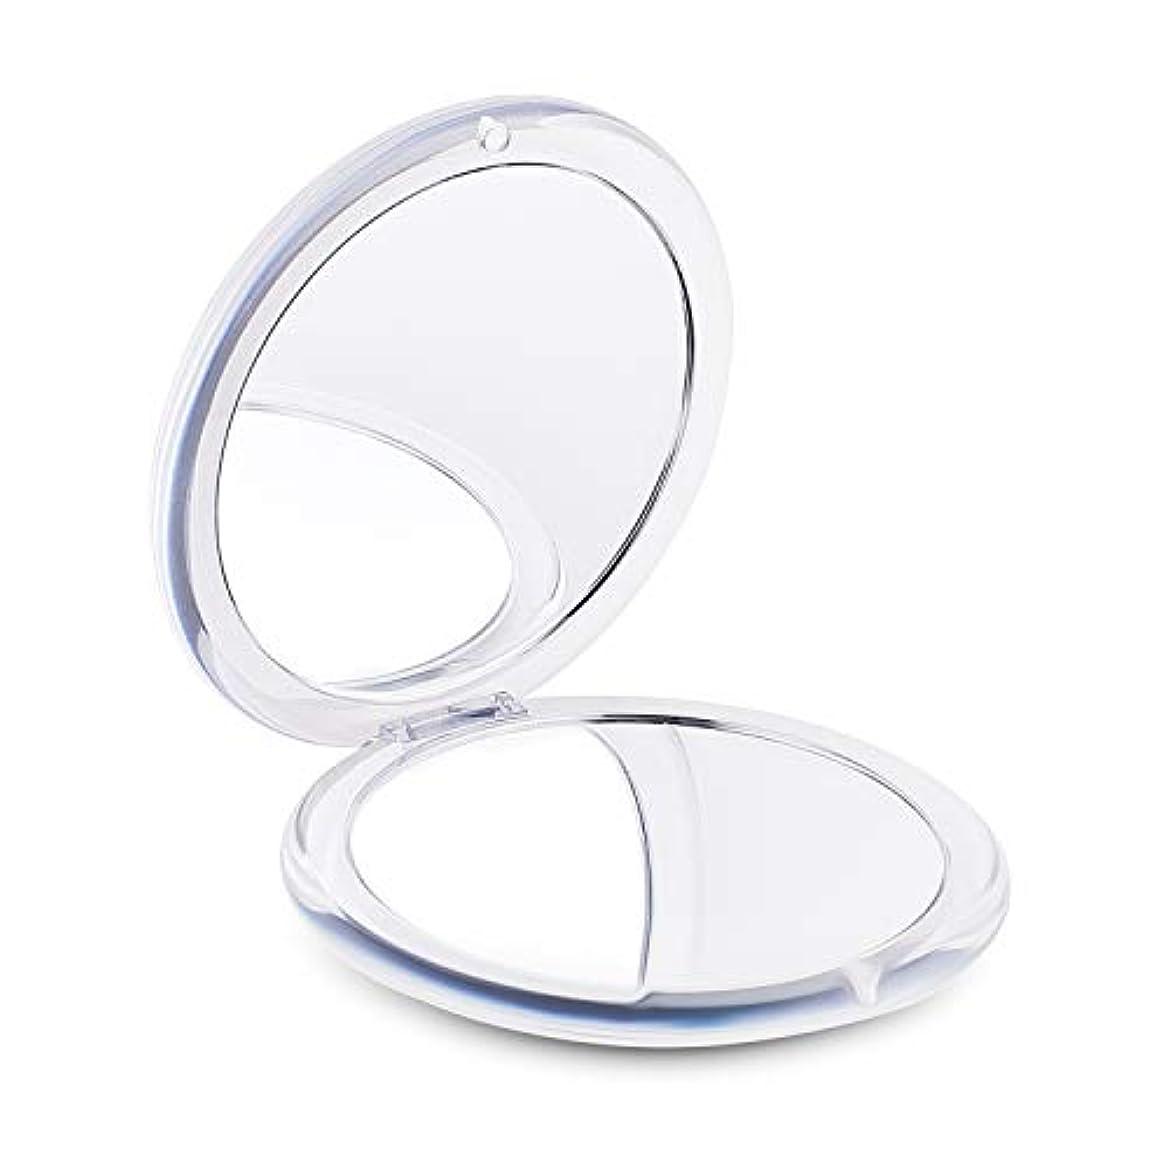 まだどこにでもたるみコンパクトミラー 手鏡 拡大鏡 化粧鏡 折りたたみミラー 携帯ミラー ハンドミラー 女優ミラー コンパクト鏡 メイクミラー 180度回転 折り畳み式両面化粧鏡 5倍拡大鏡 持ち運び便利(丸め)